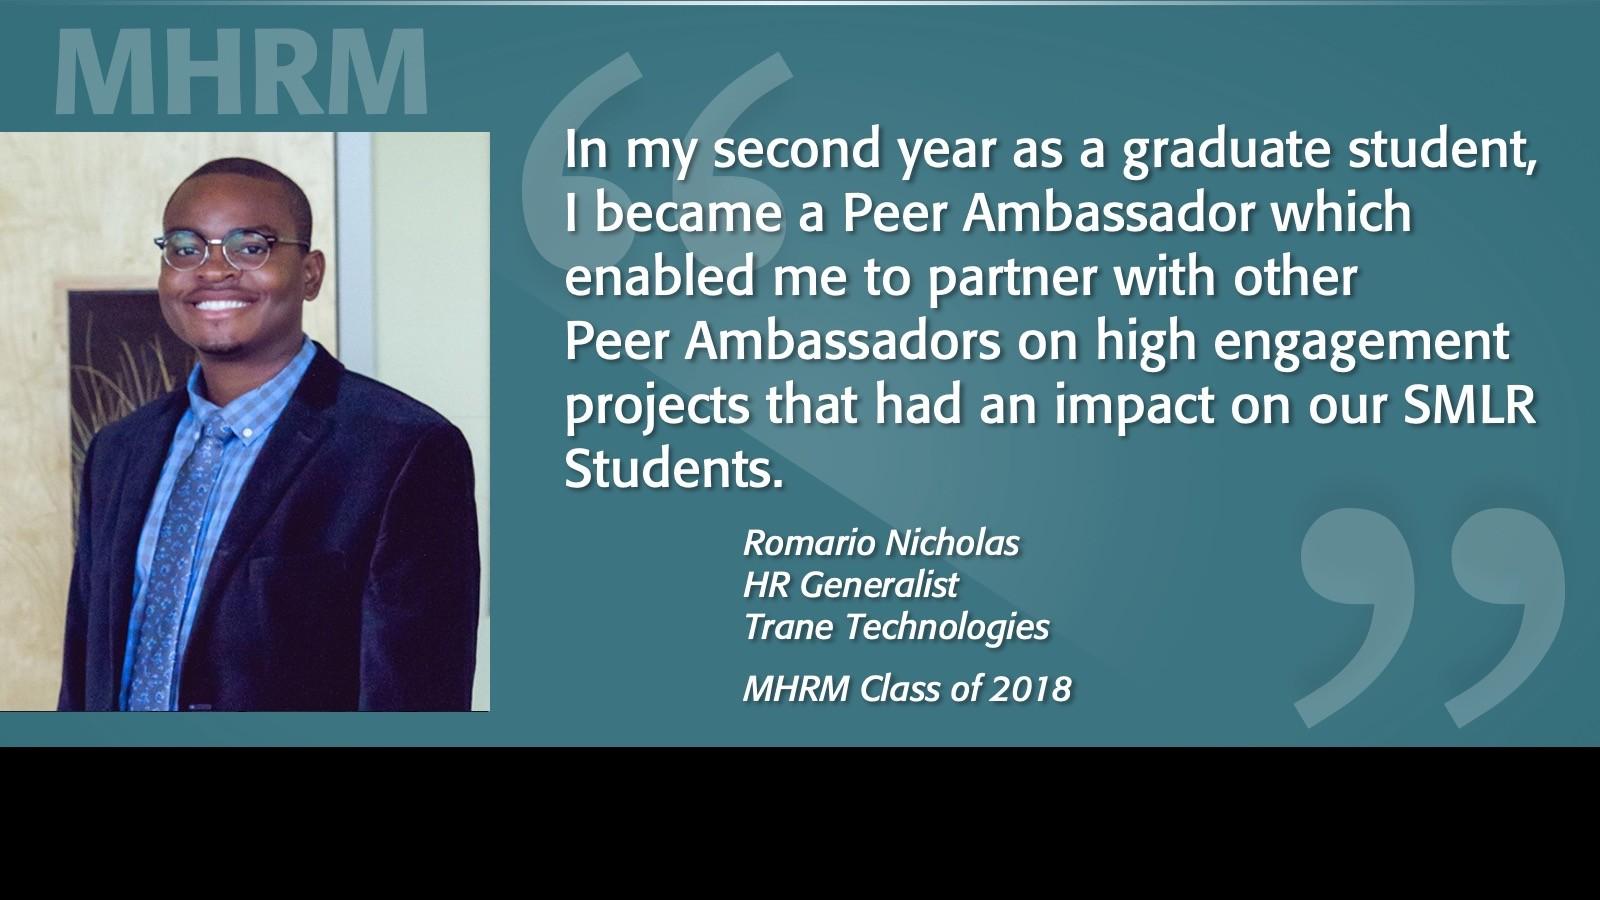 Image of Romario Nicholas MHRM Testimonial